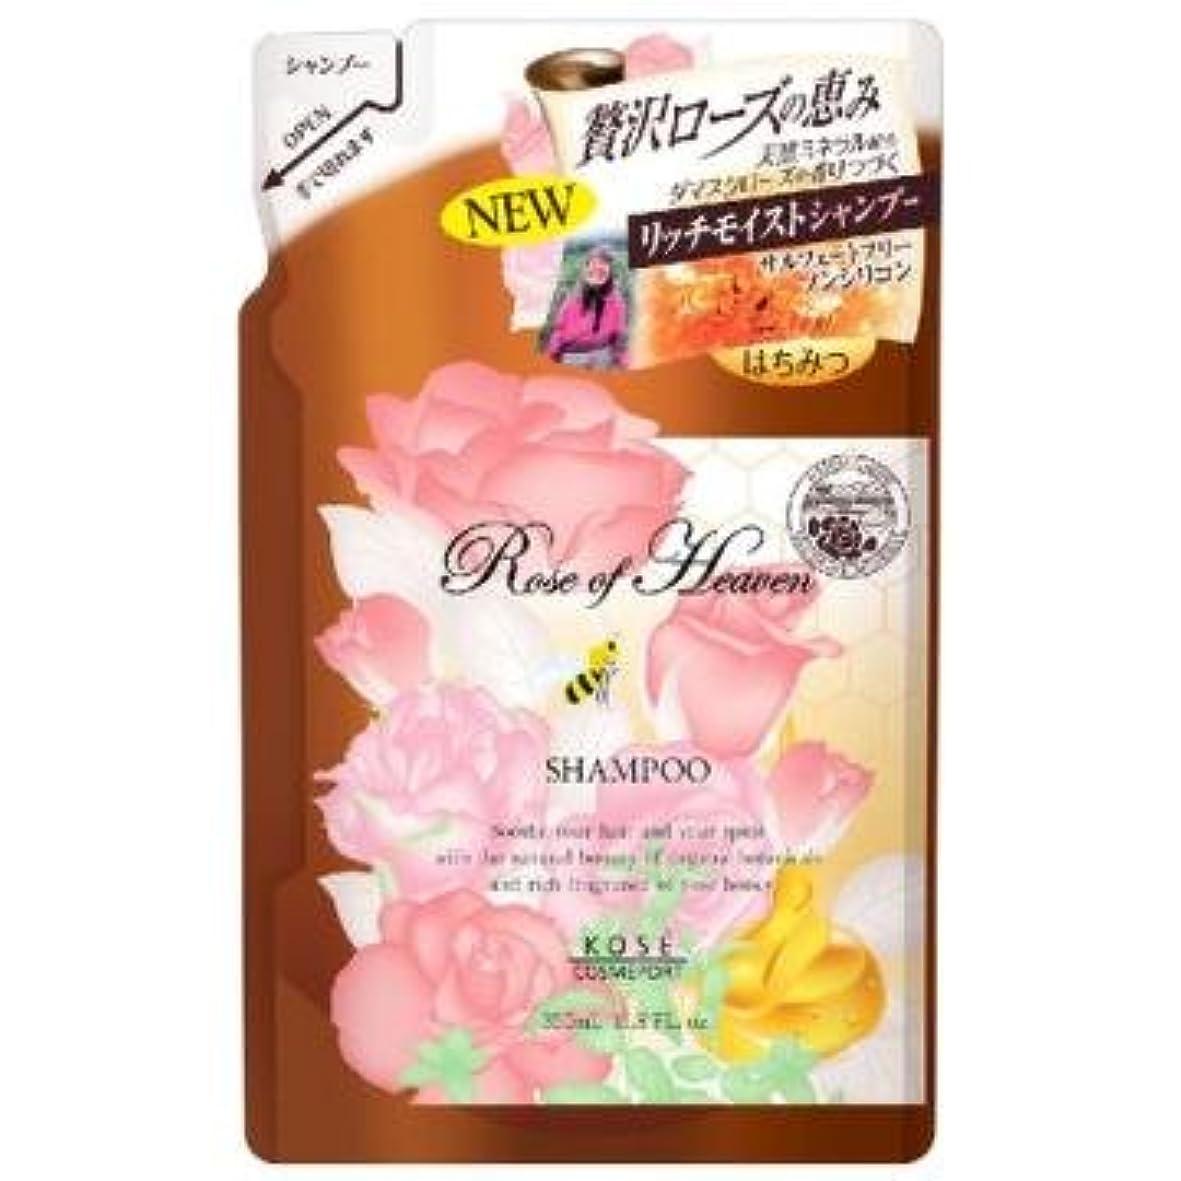 閲覧する肌ボックスコーセー ローズオブヘブン シャンプー つめかえ 350mL ノンシリコン ダマスクローズの優雅な香り お得な詰替え用 ×12点セット (4971710384581)